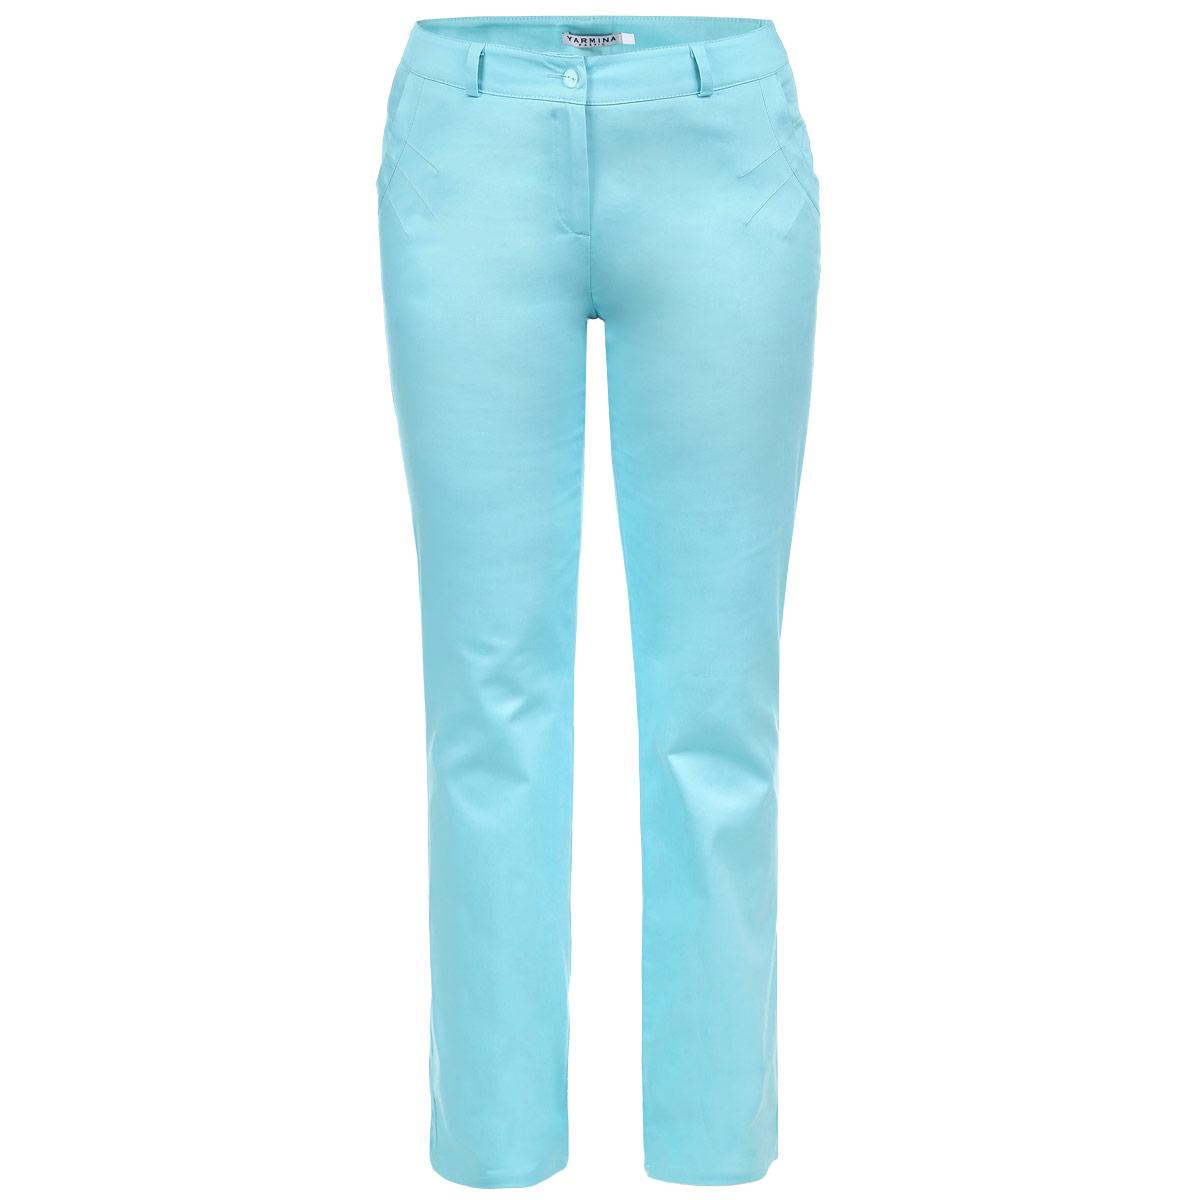 Брюки6717461Стильные женские брюки Yarmina созданы специально для того, чтобы подчеркивать достоинства вашей фигуры. Модель прямого кроя с посадкой на талии станет отличным дополнением к вашему современному образу. Застегиваются брюки на пуговицу в поясе и ширинку на застежке-молнии, предусмотрены шлевки для ремня. Спереди модель дополнена двумя втачными карманами, оформленными декоративными швами. Эти модные и в тоже время комфортные брюки послужат отличным дополнением к вашему гардеробу. В них вы всегда будете чувствовать себя уютно и комфортно.